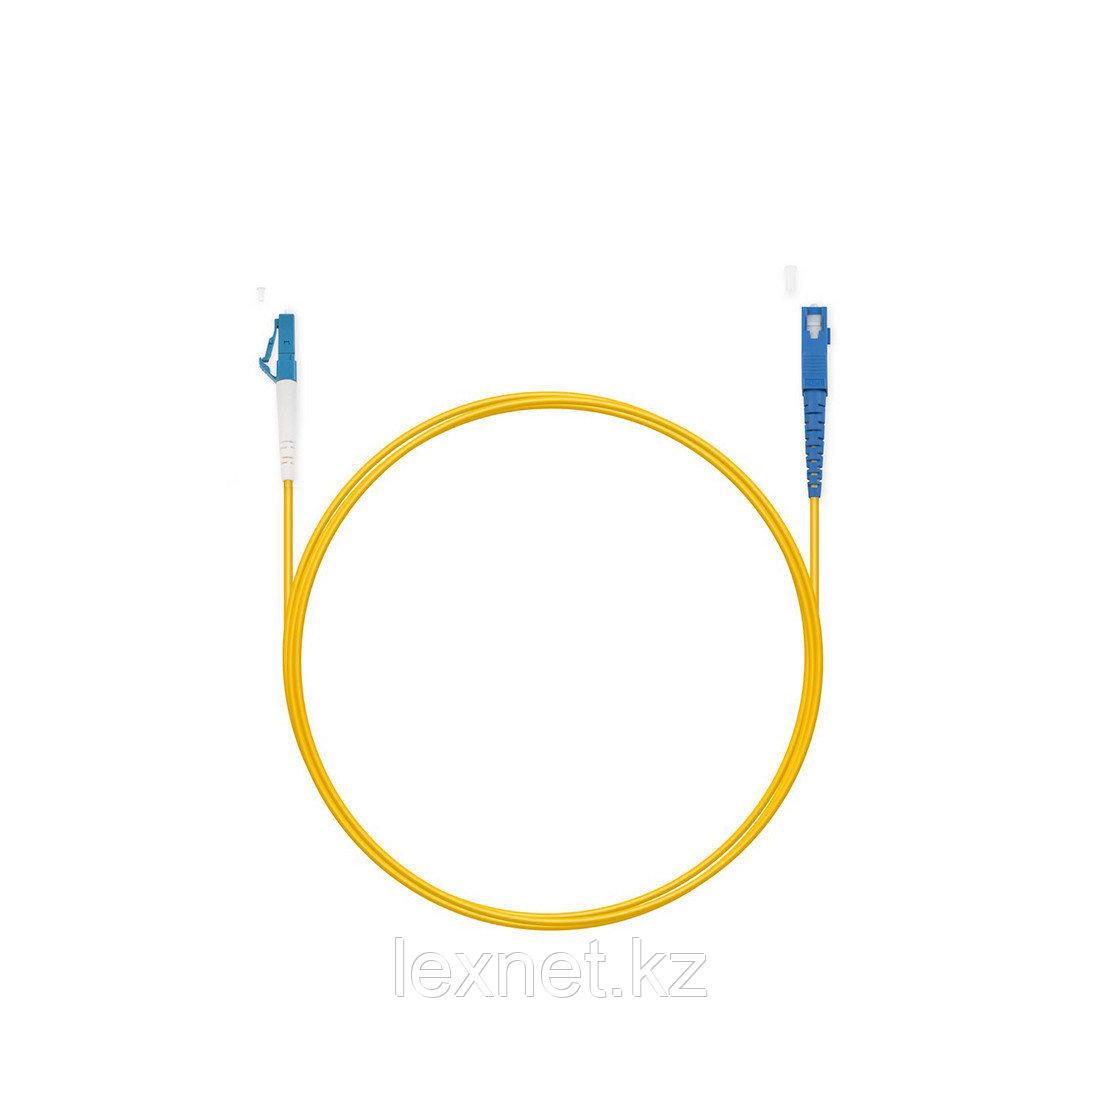 Патч Корд Оптоволоконный FC/APC-LC/UPC SM 9/125 Simplex 3.0мм 1 м